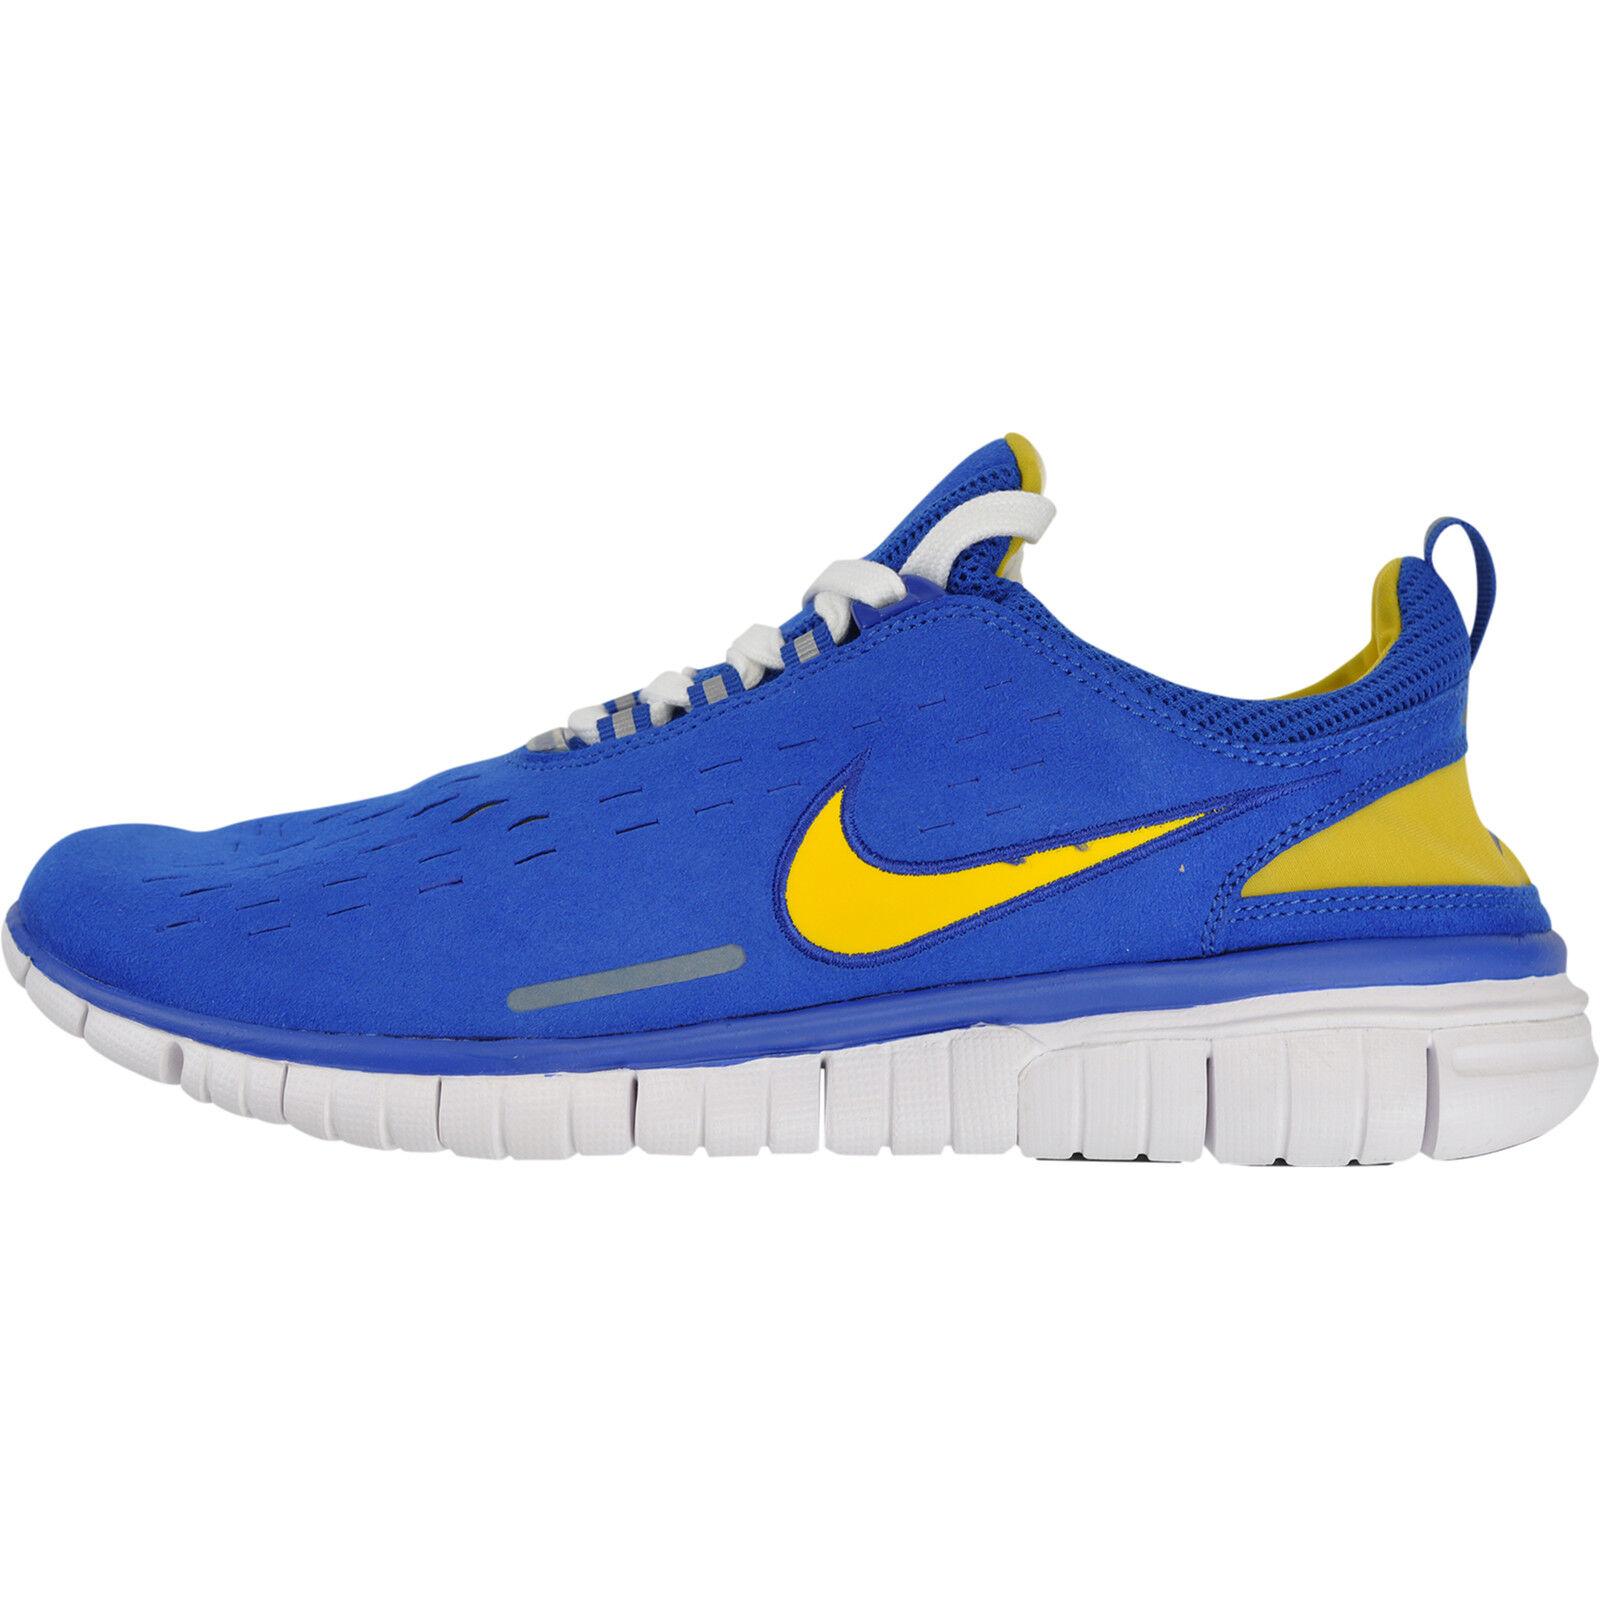 Nike Free Og Og Og Sp 677735-421 Lifestyle Zapatillas Running Zapatillas Deportivas a1323a